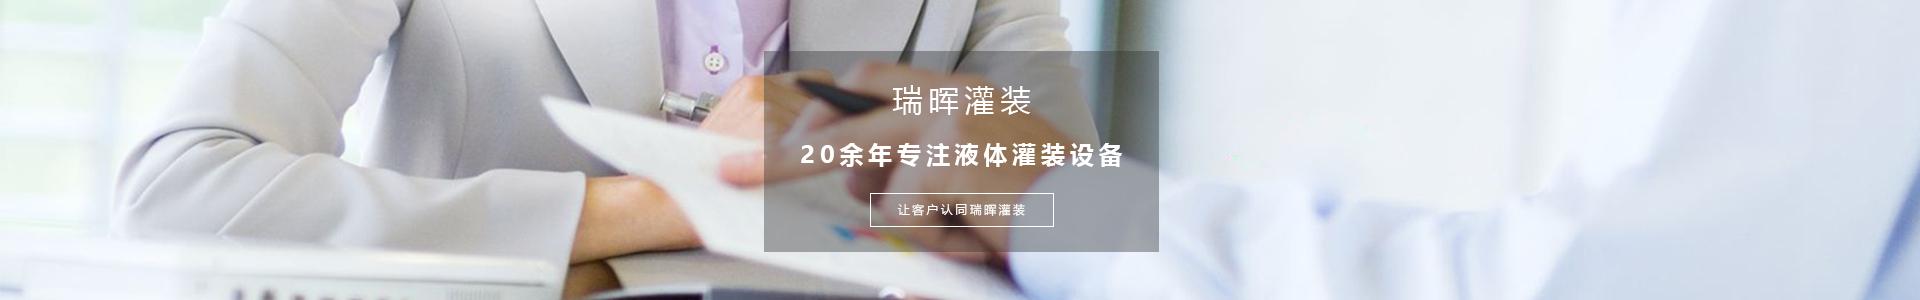 烟台瑞晖自动化设备有限公司